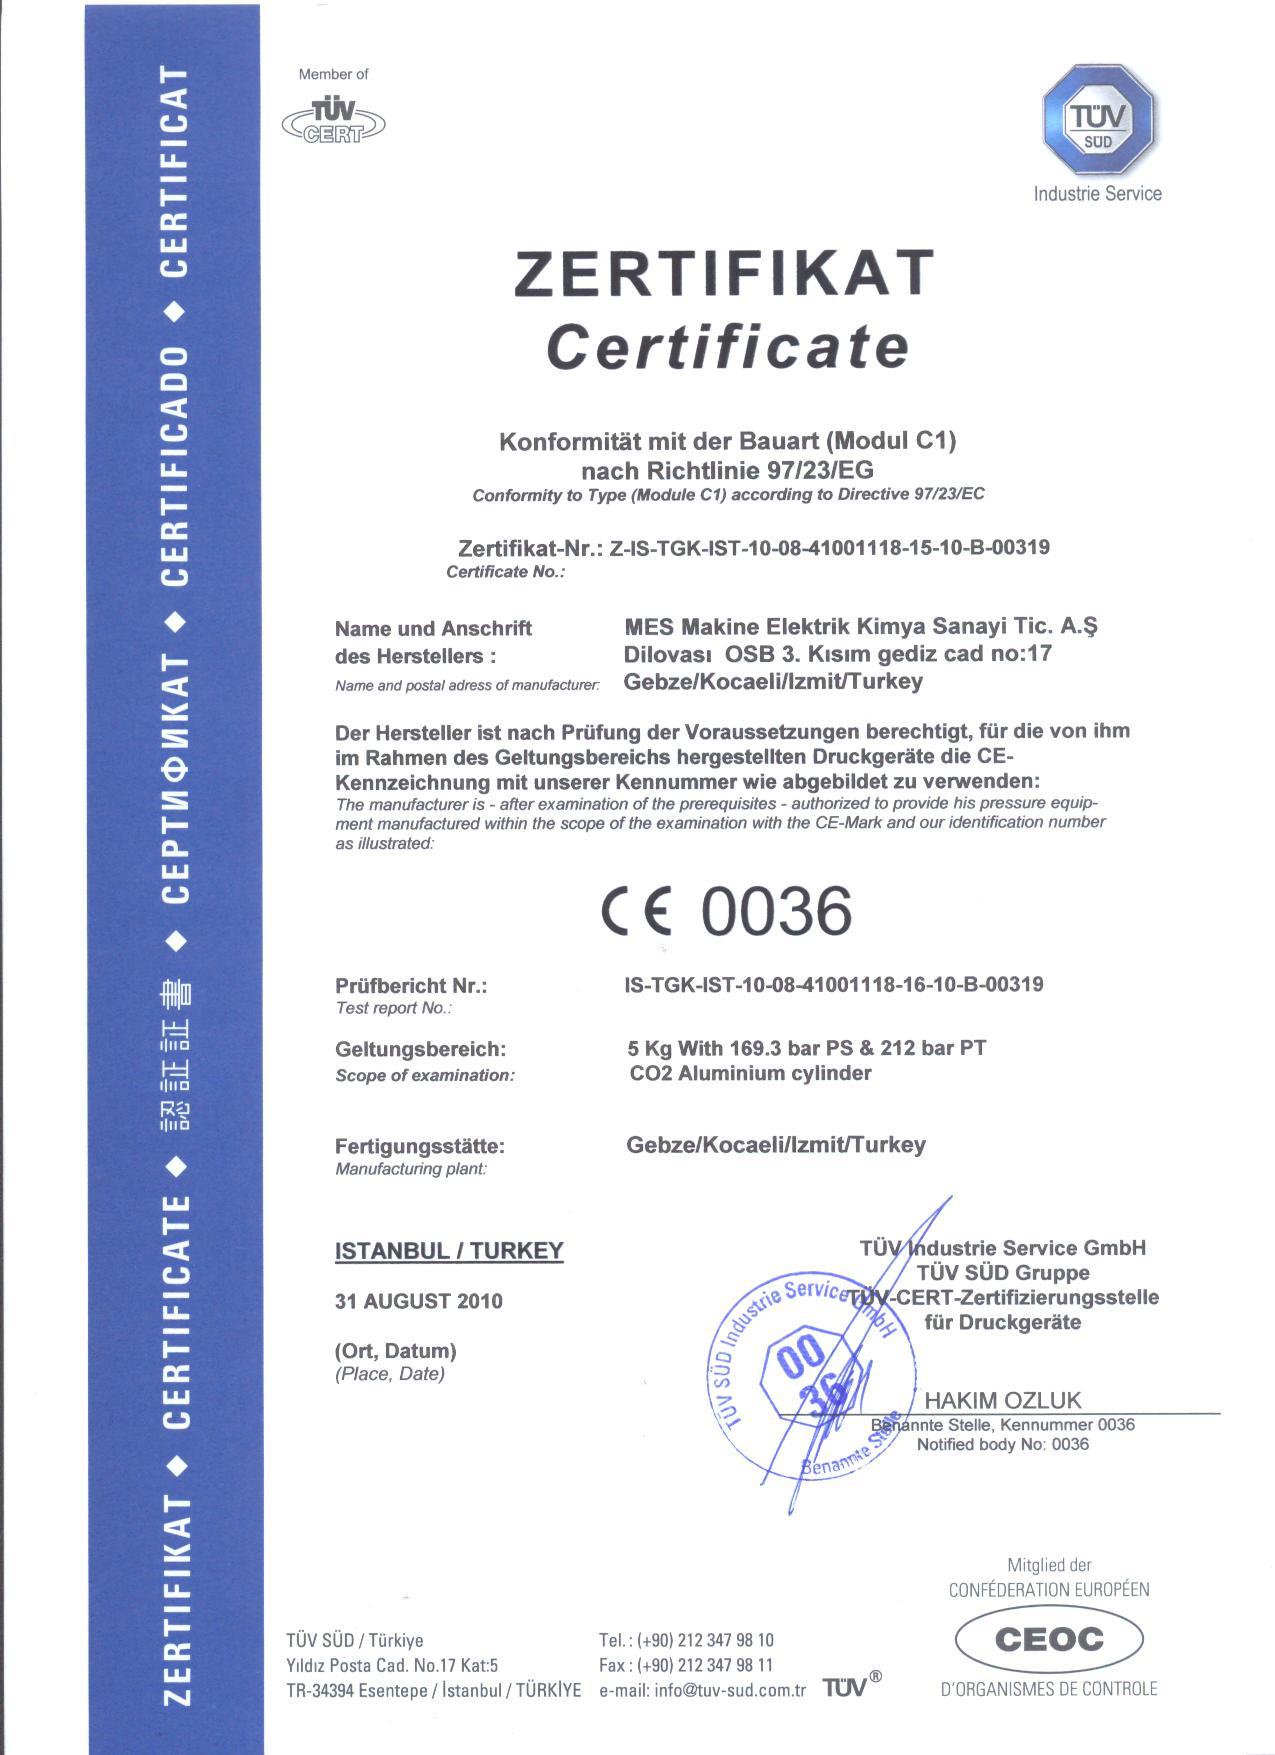 5 kg. 212 Bar Alüminyum Yangın Tüpü Sertifikası